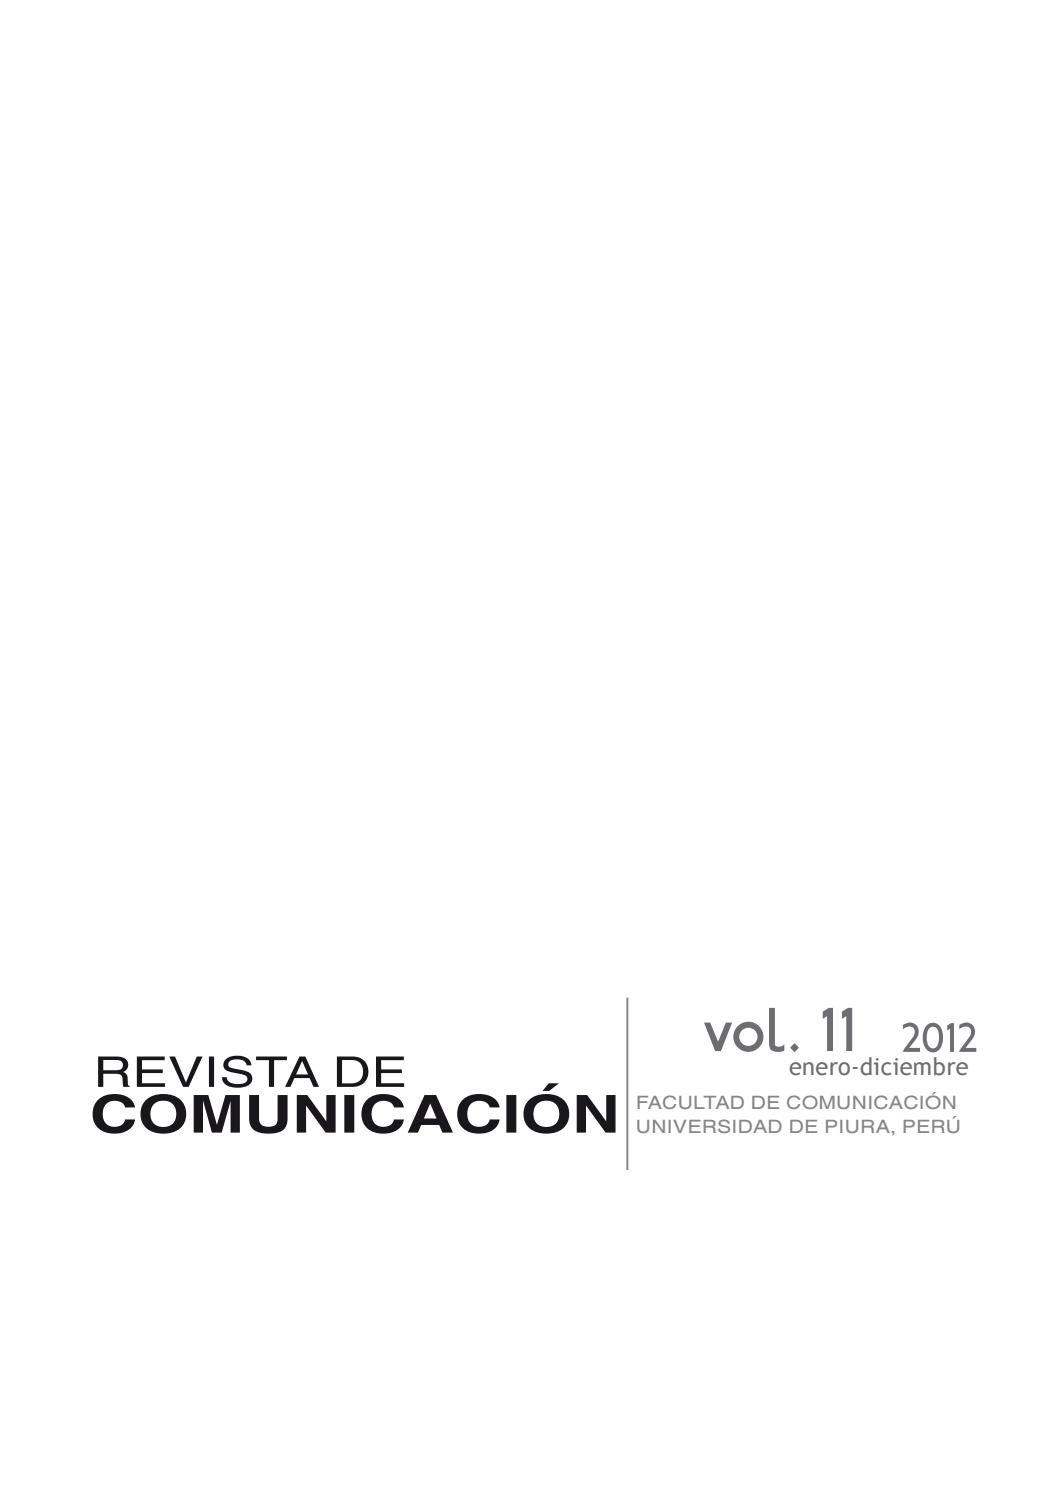 Revista de Comunicación vol. XI, 2012. Universidad de Piura by ...